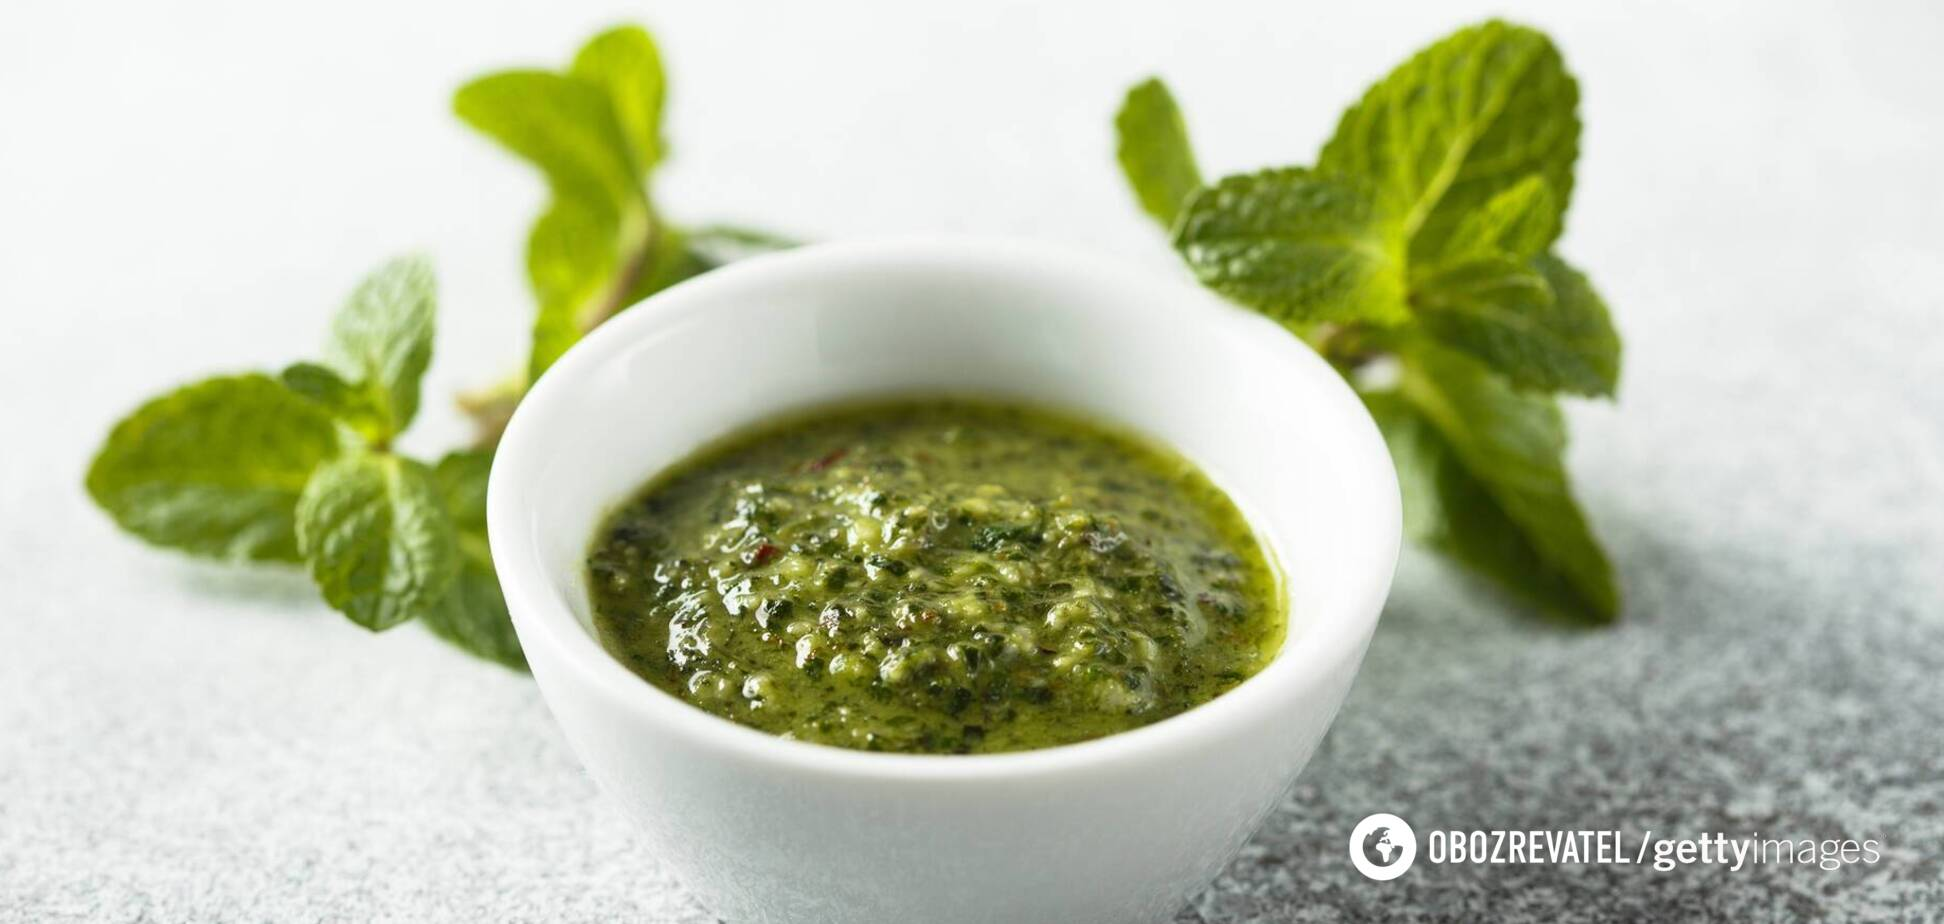 М'ятний соус песто можна використовувати для надання смаку рибним стравам